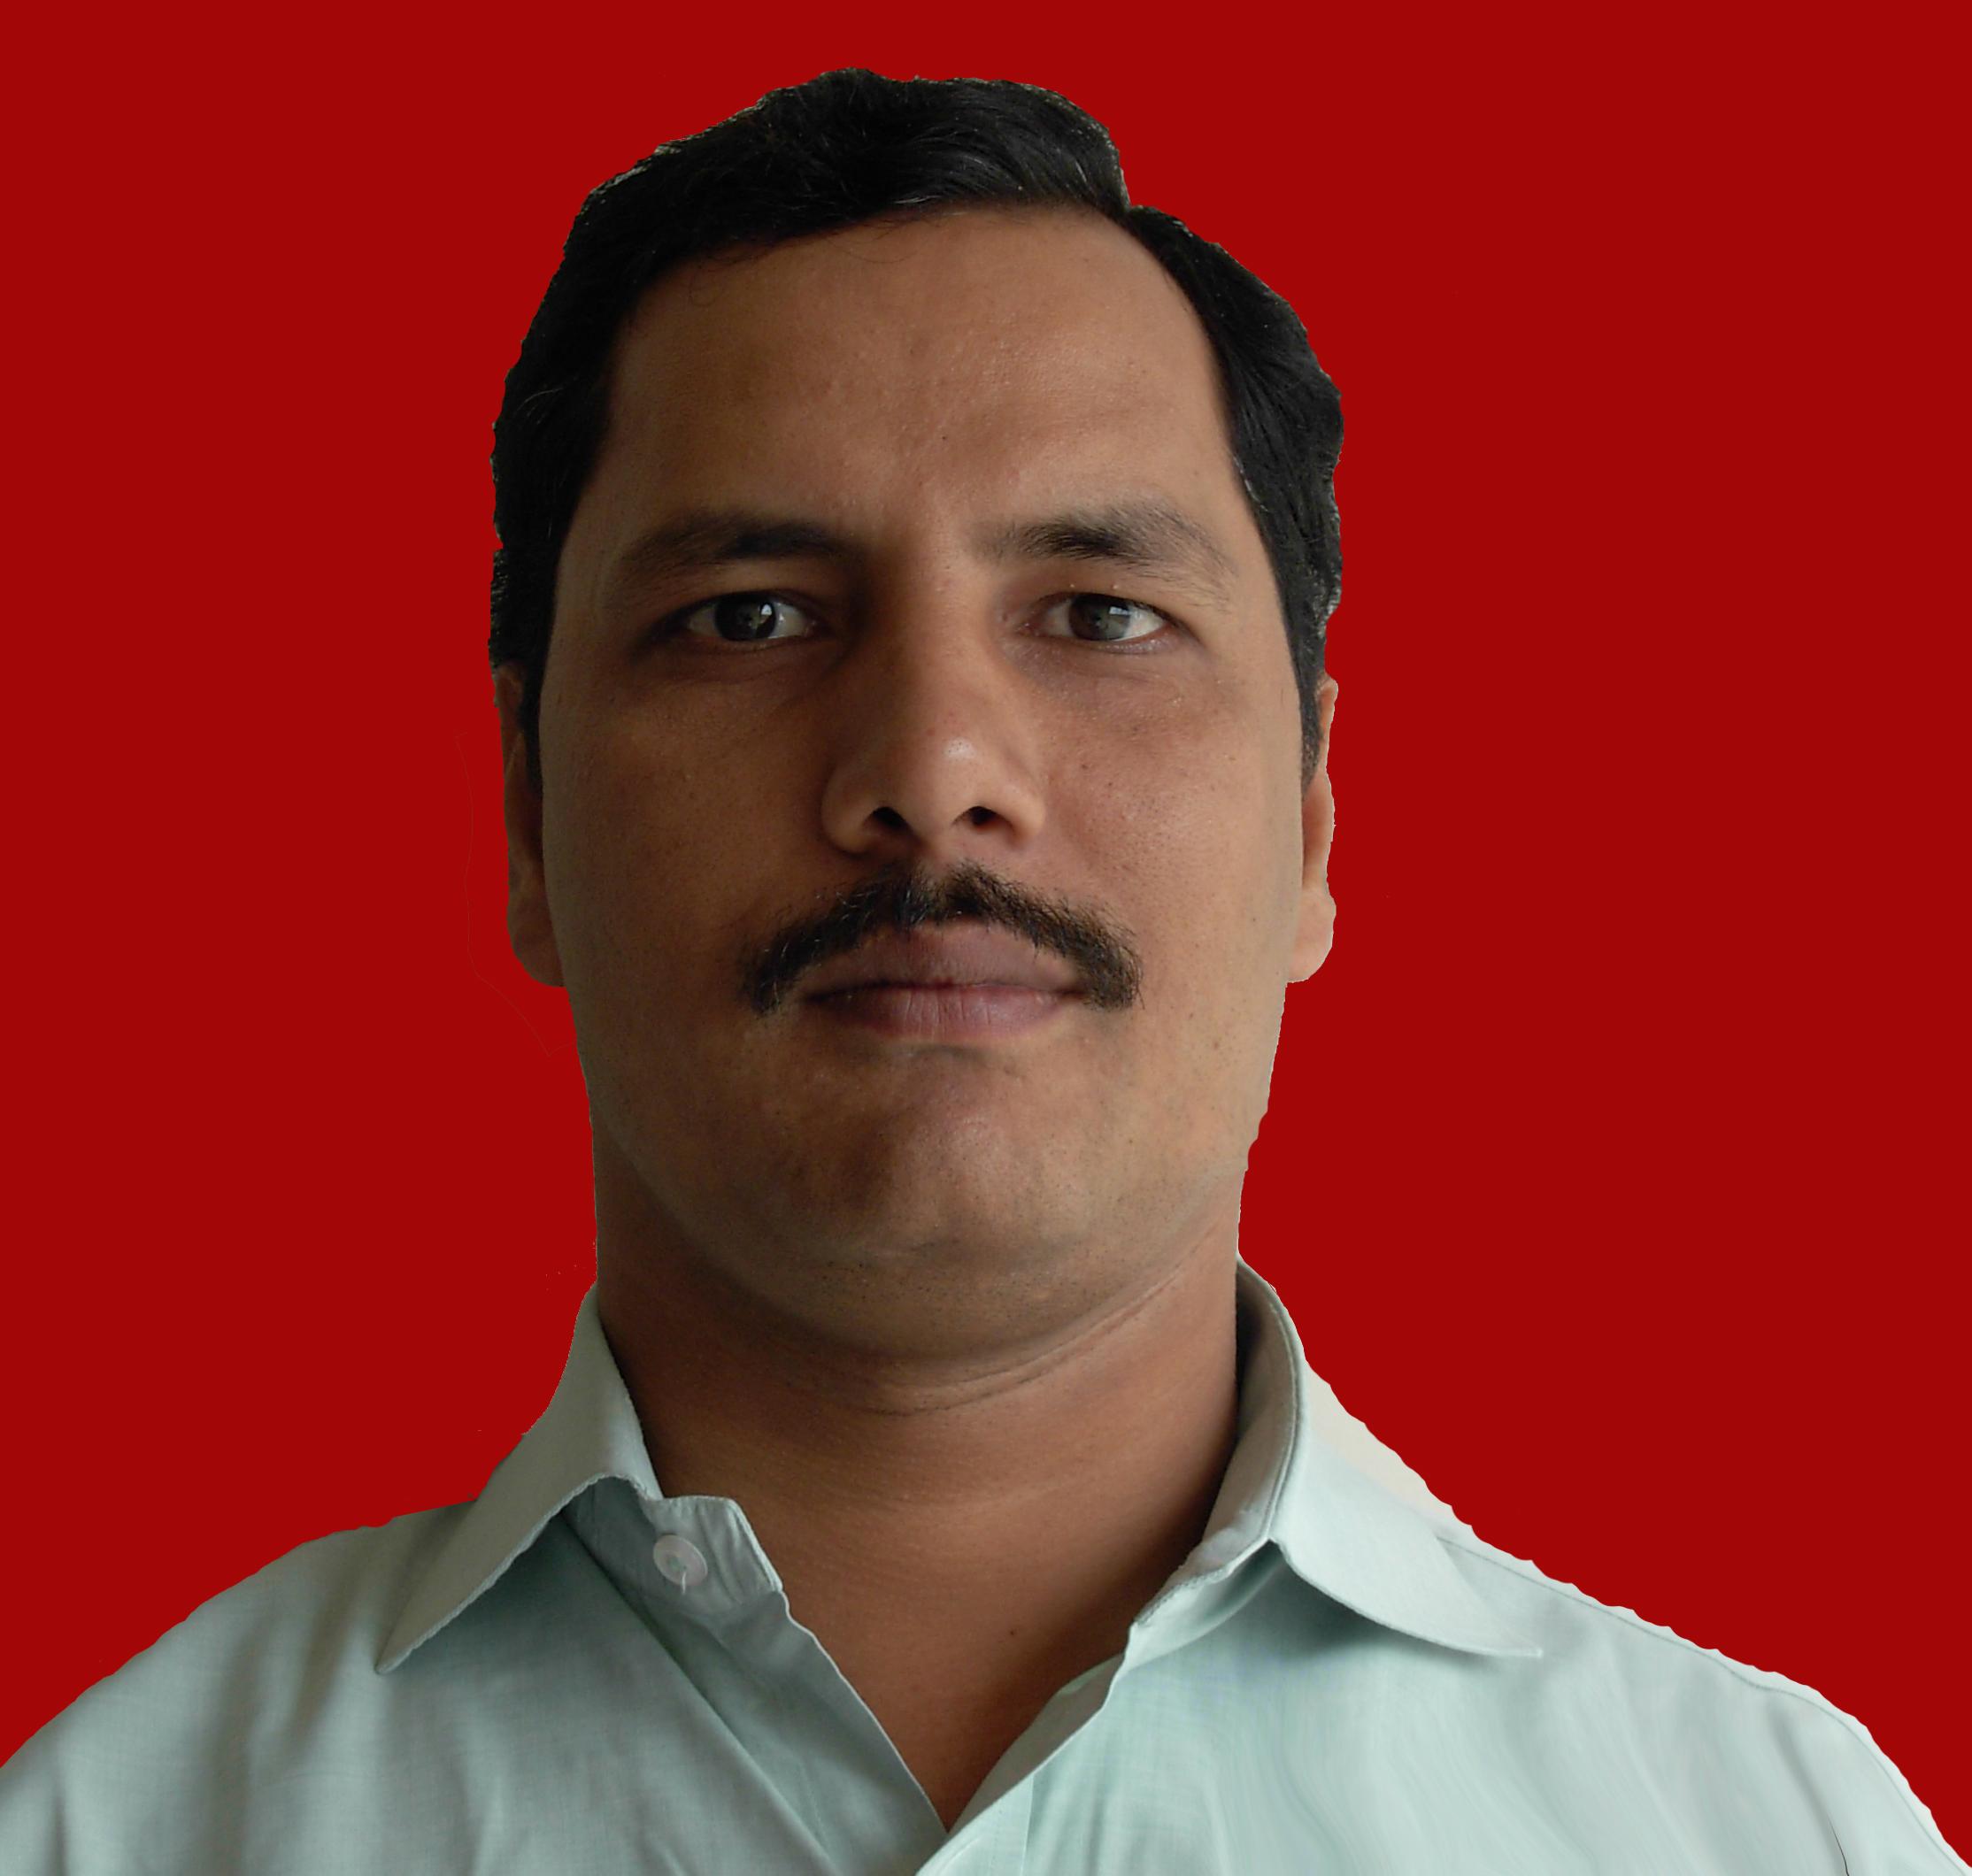 Brijesh Kumar Mishra